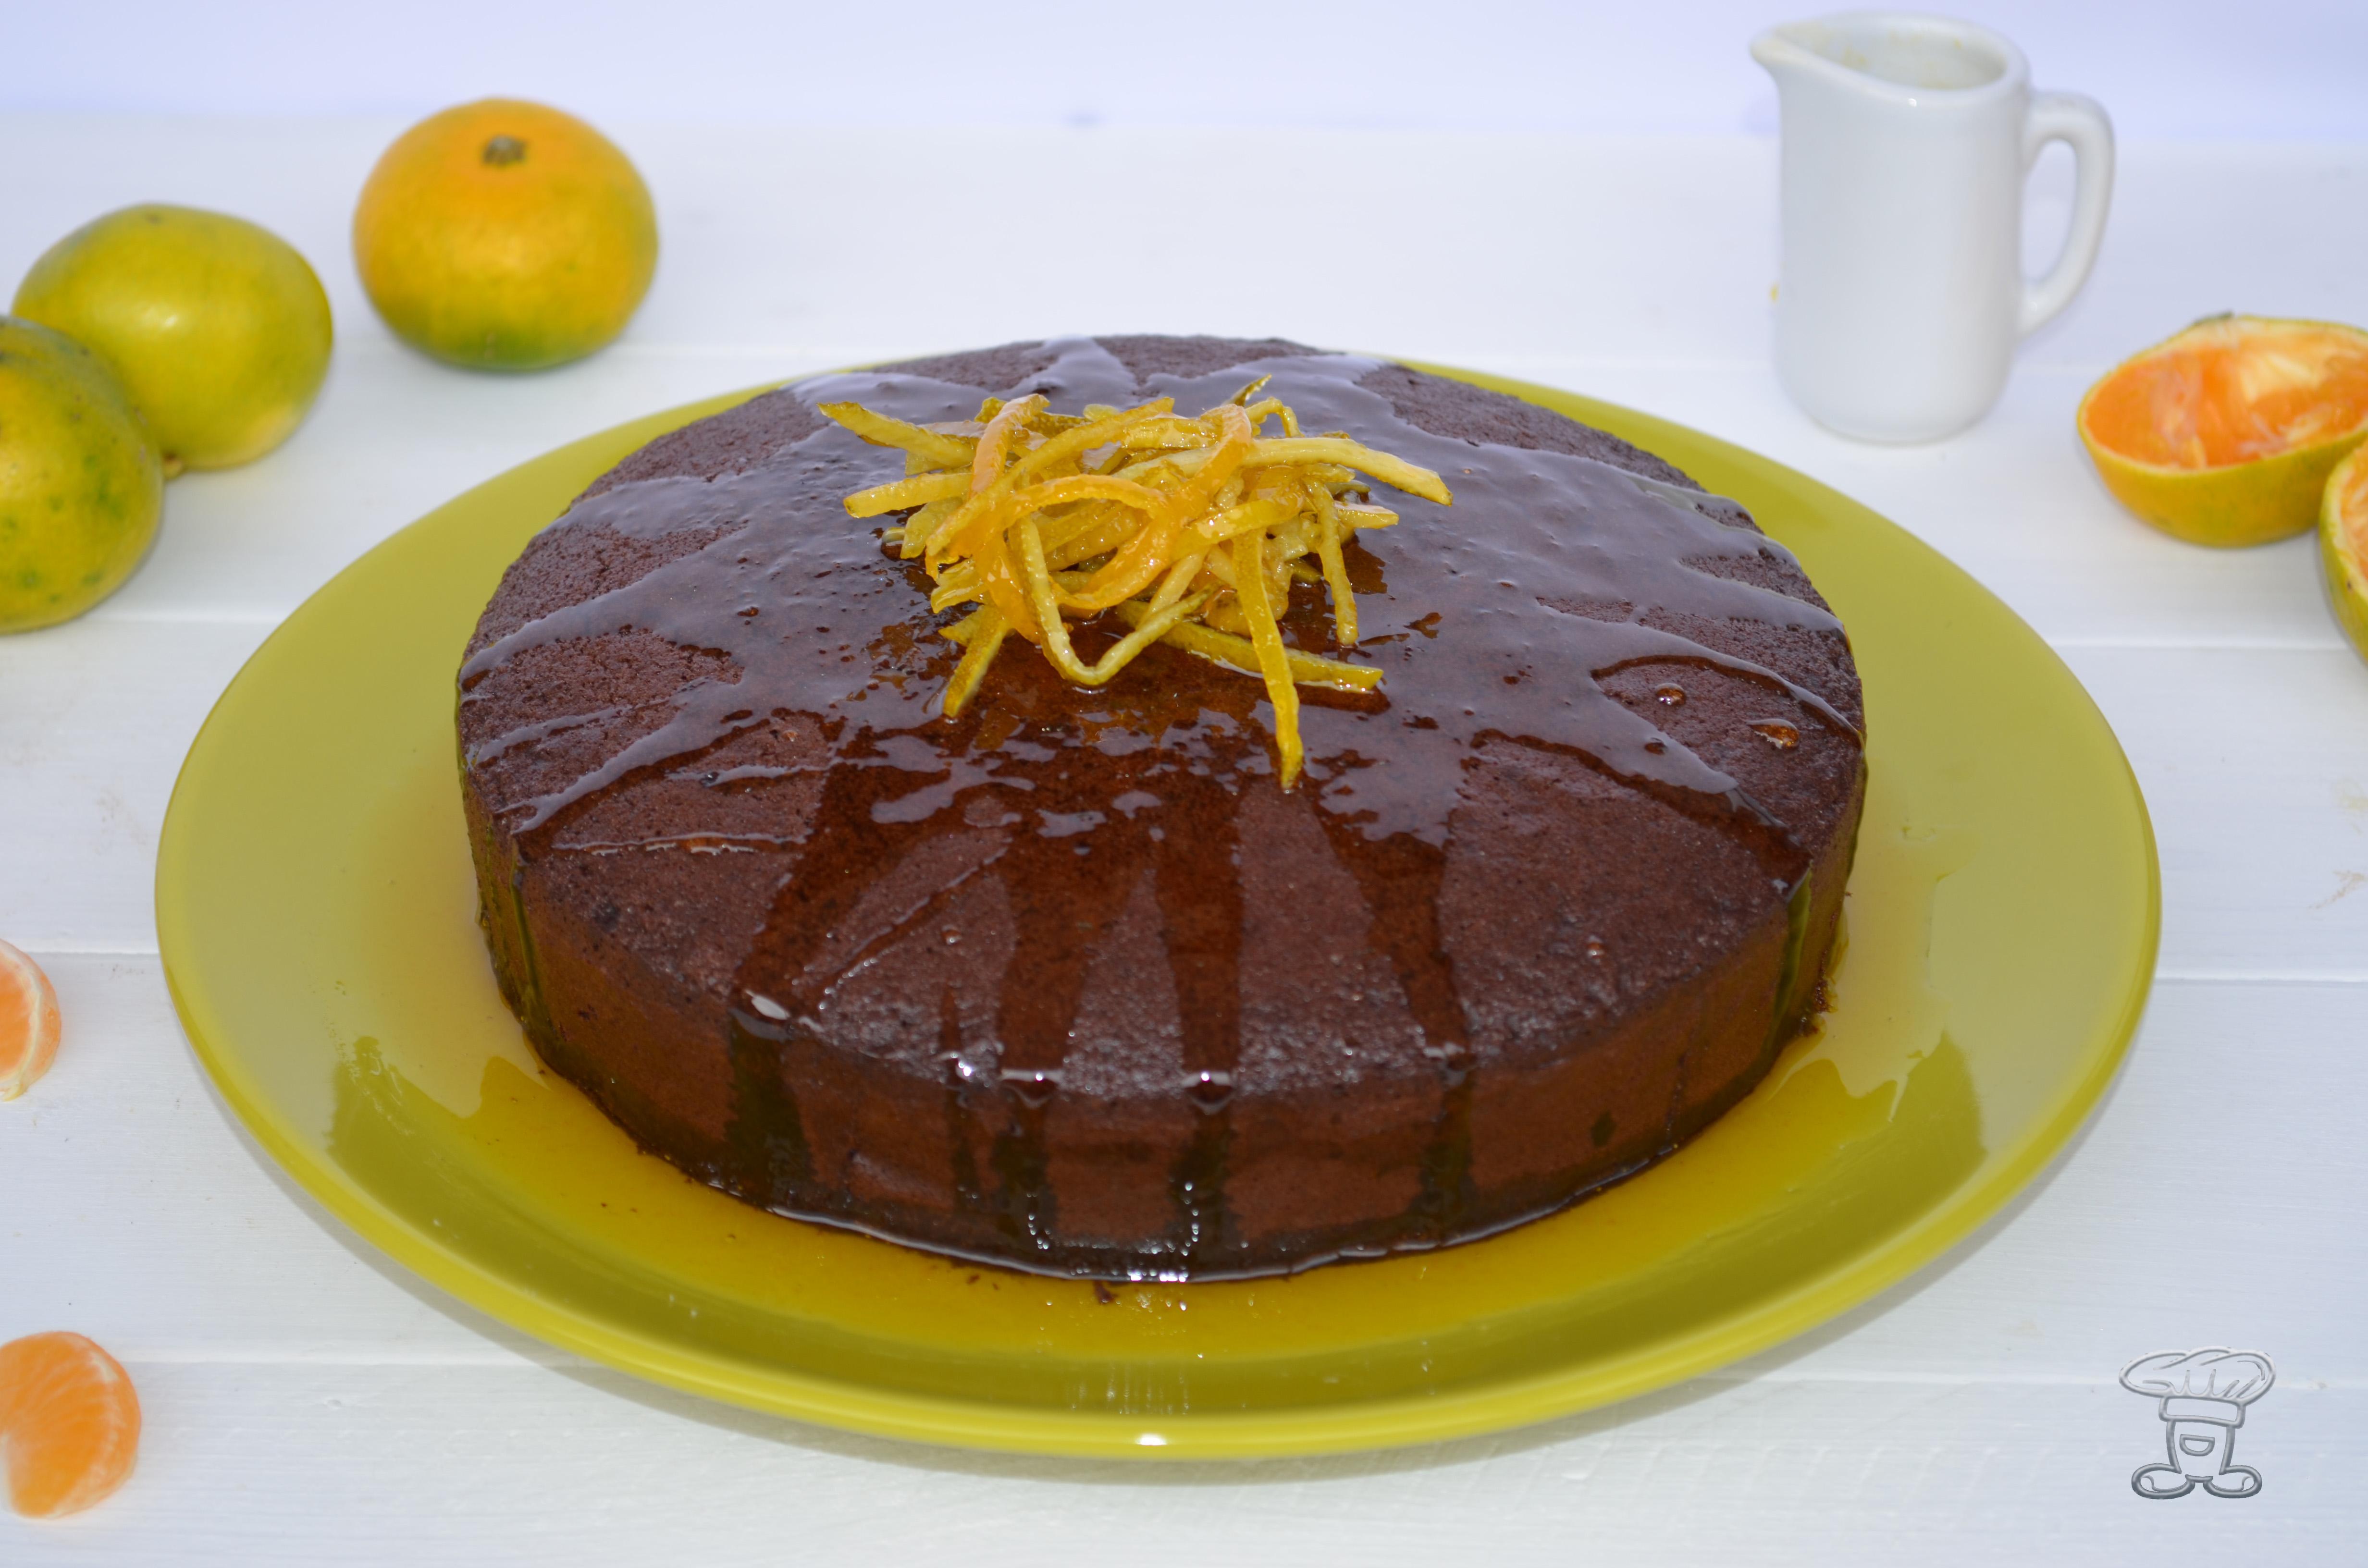 dsc_0143 Torta al Cioccolato con Sciroppo di Mandarino Miyakawa